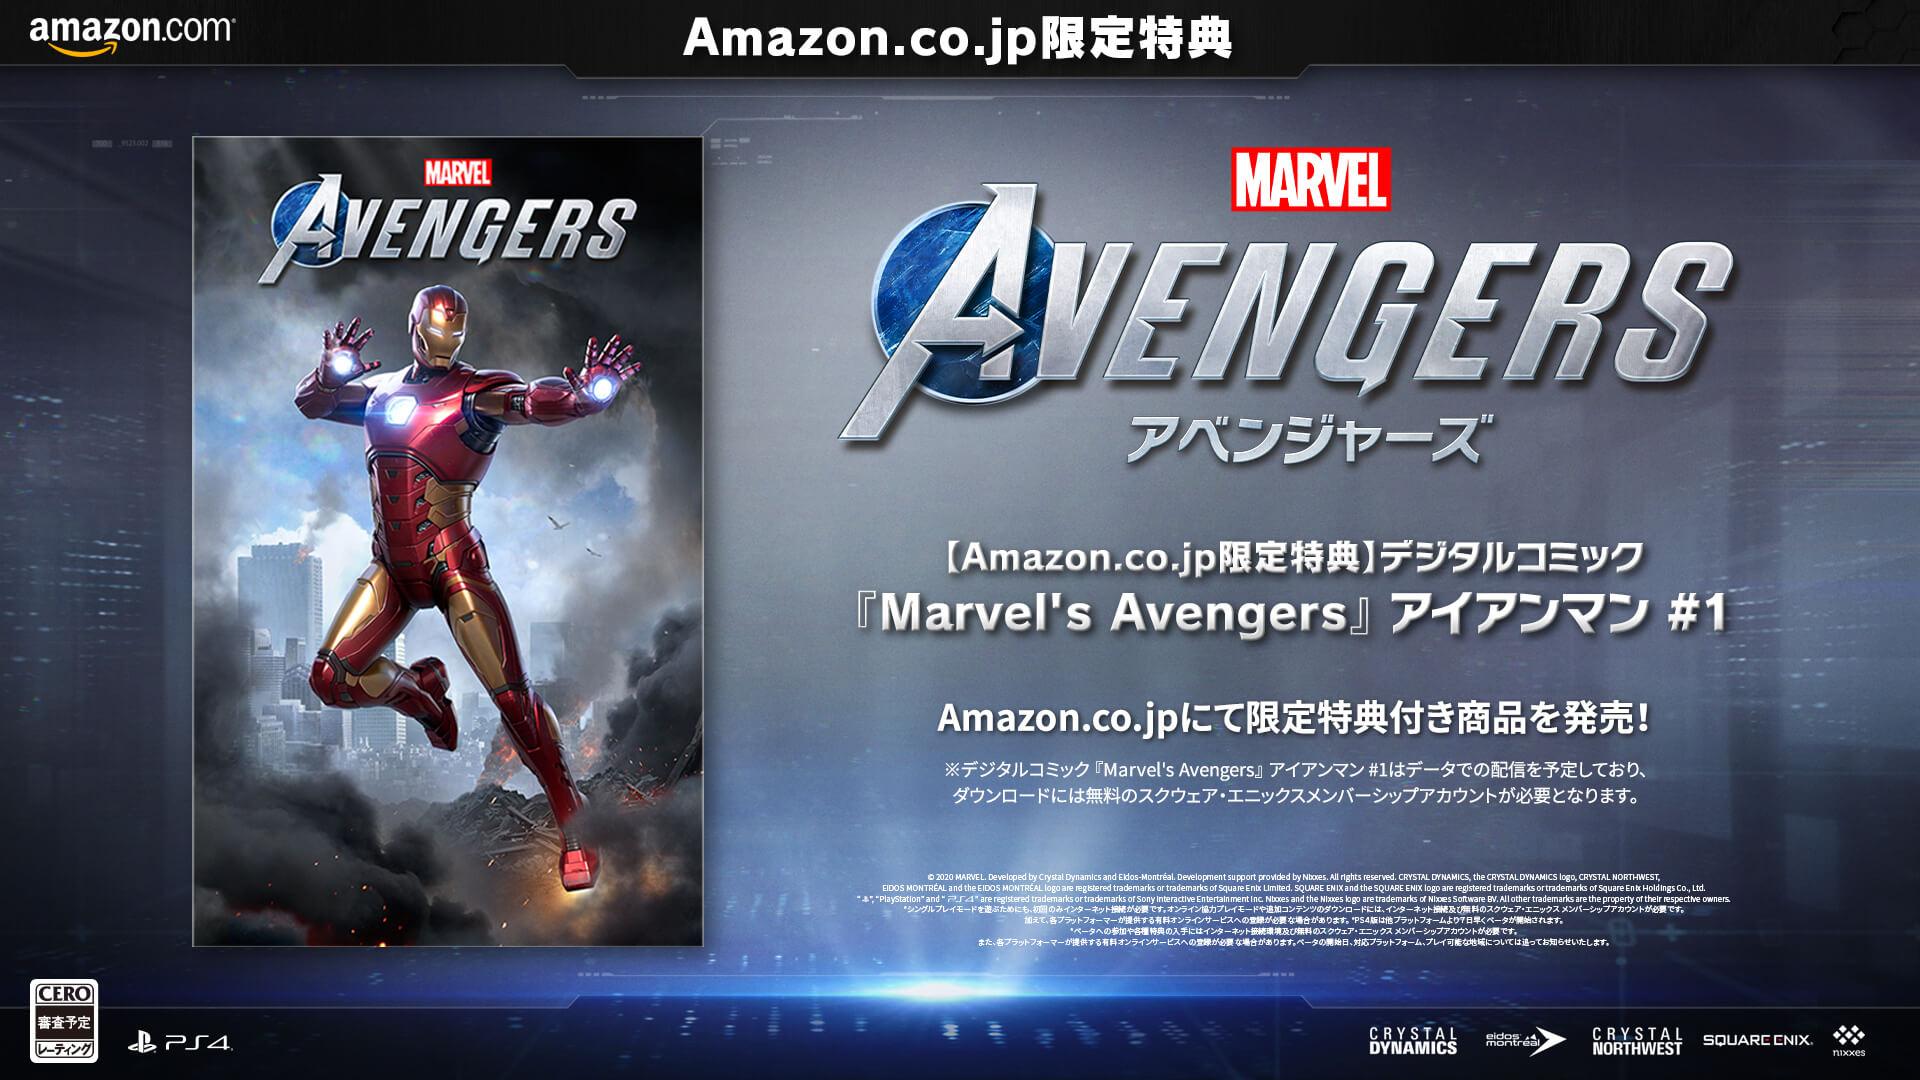 アベンジャーズ、ゲームでアッセンブル!『Marvel's Avengers』がついに予約受付開始&最新トレーラーも解禁 tech200417_avengers_game_1